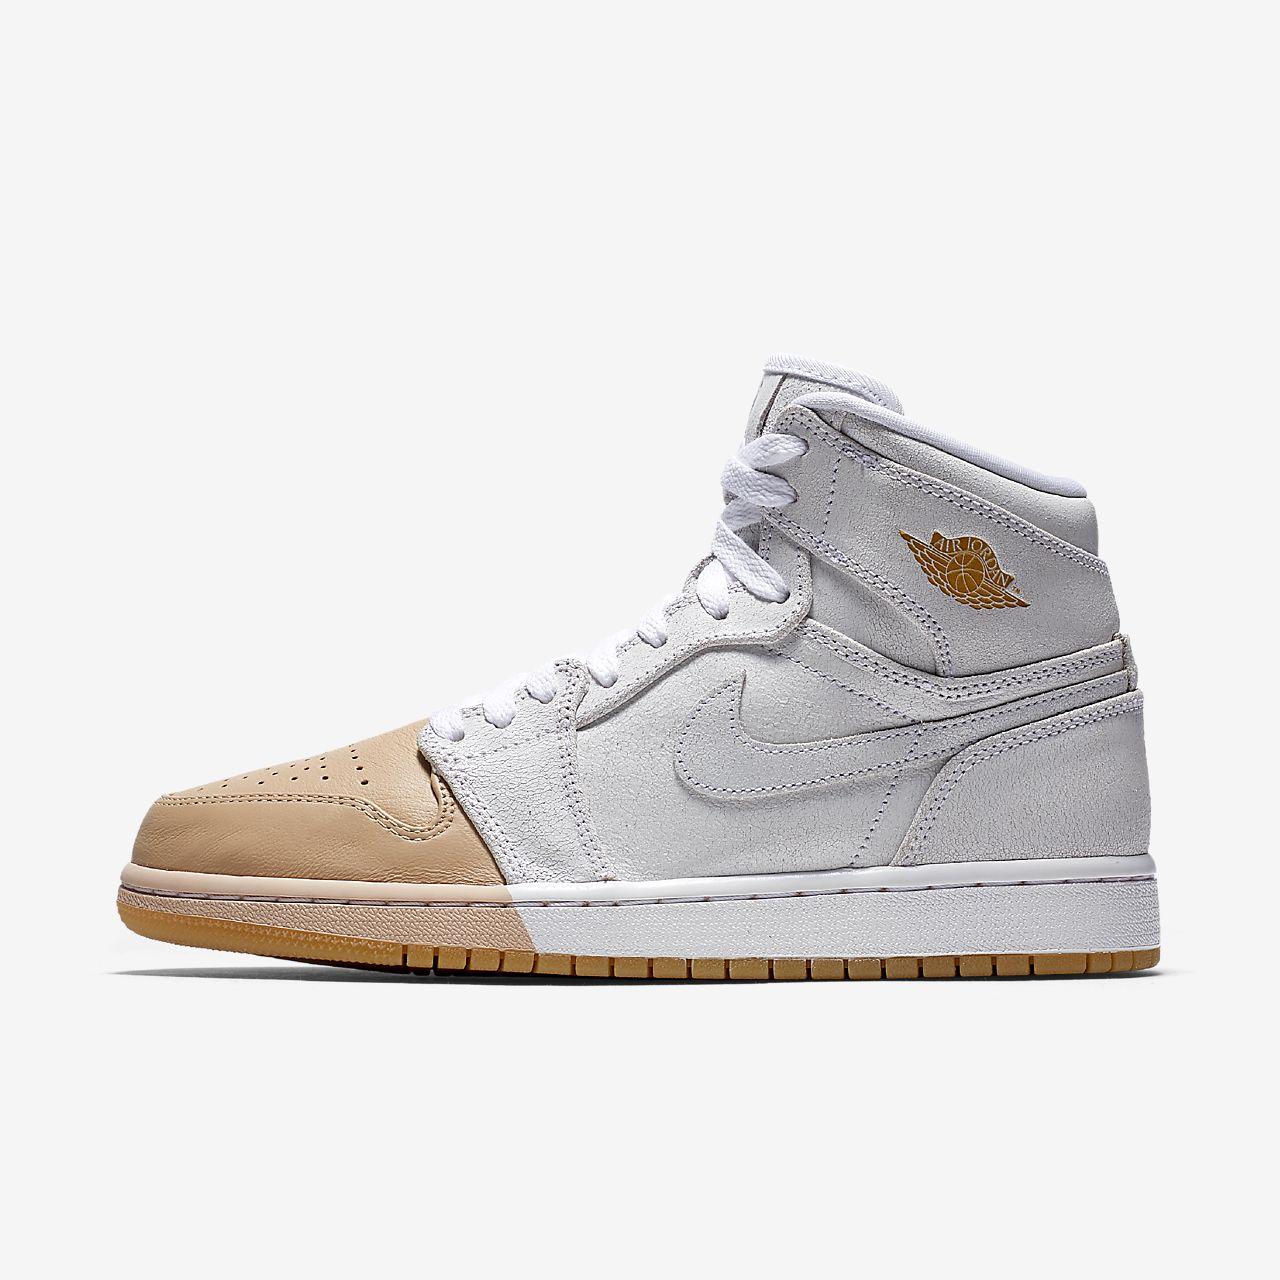 cheap for discount 8f8e7 0f6a6 Chaussure Nike Air Jordan 1 Retro High Premium pour Femme